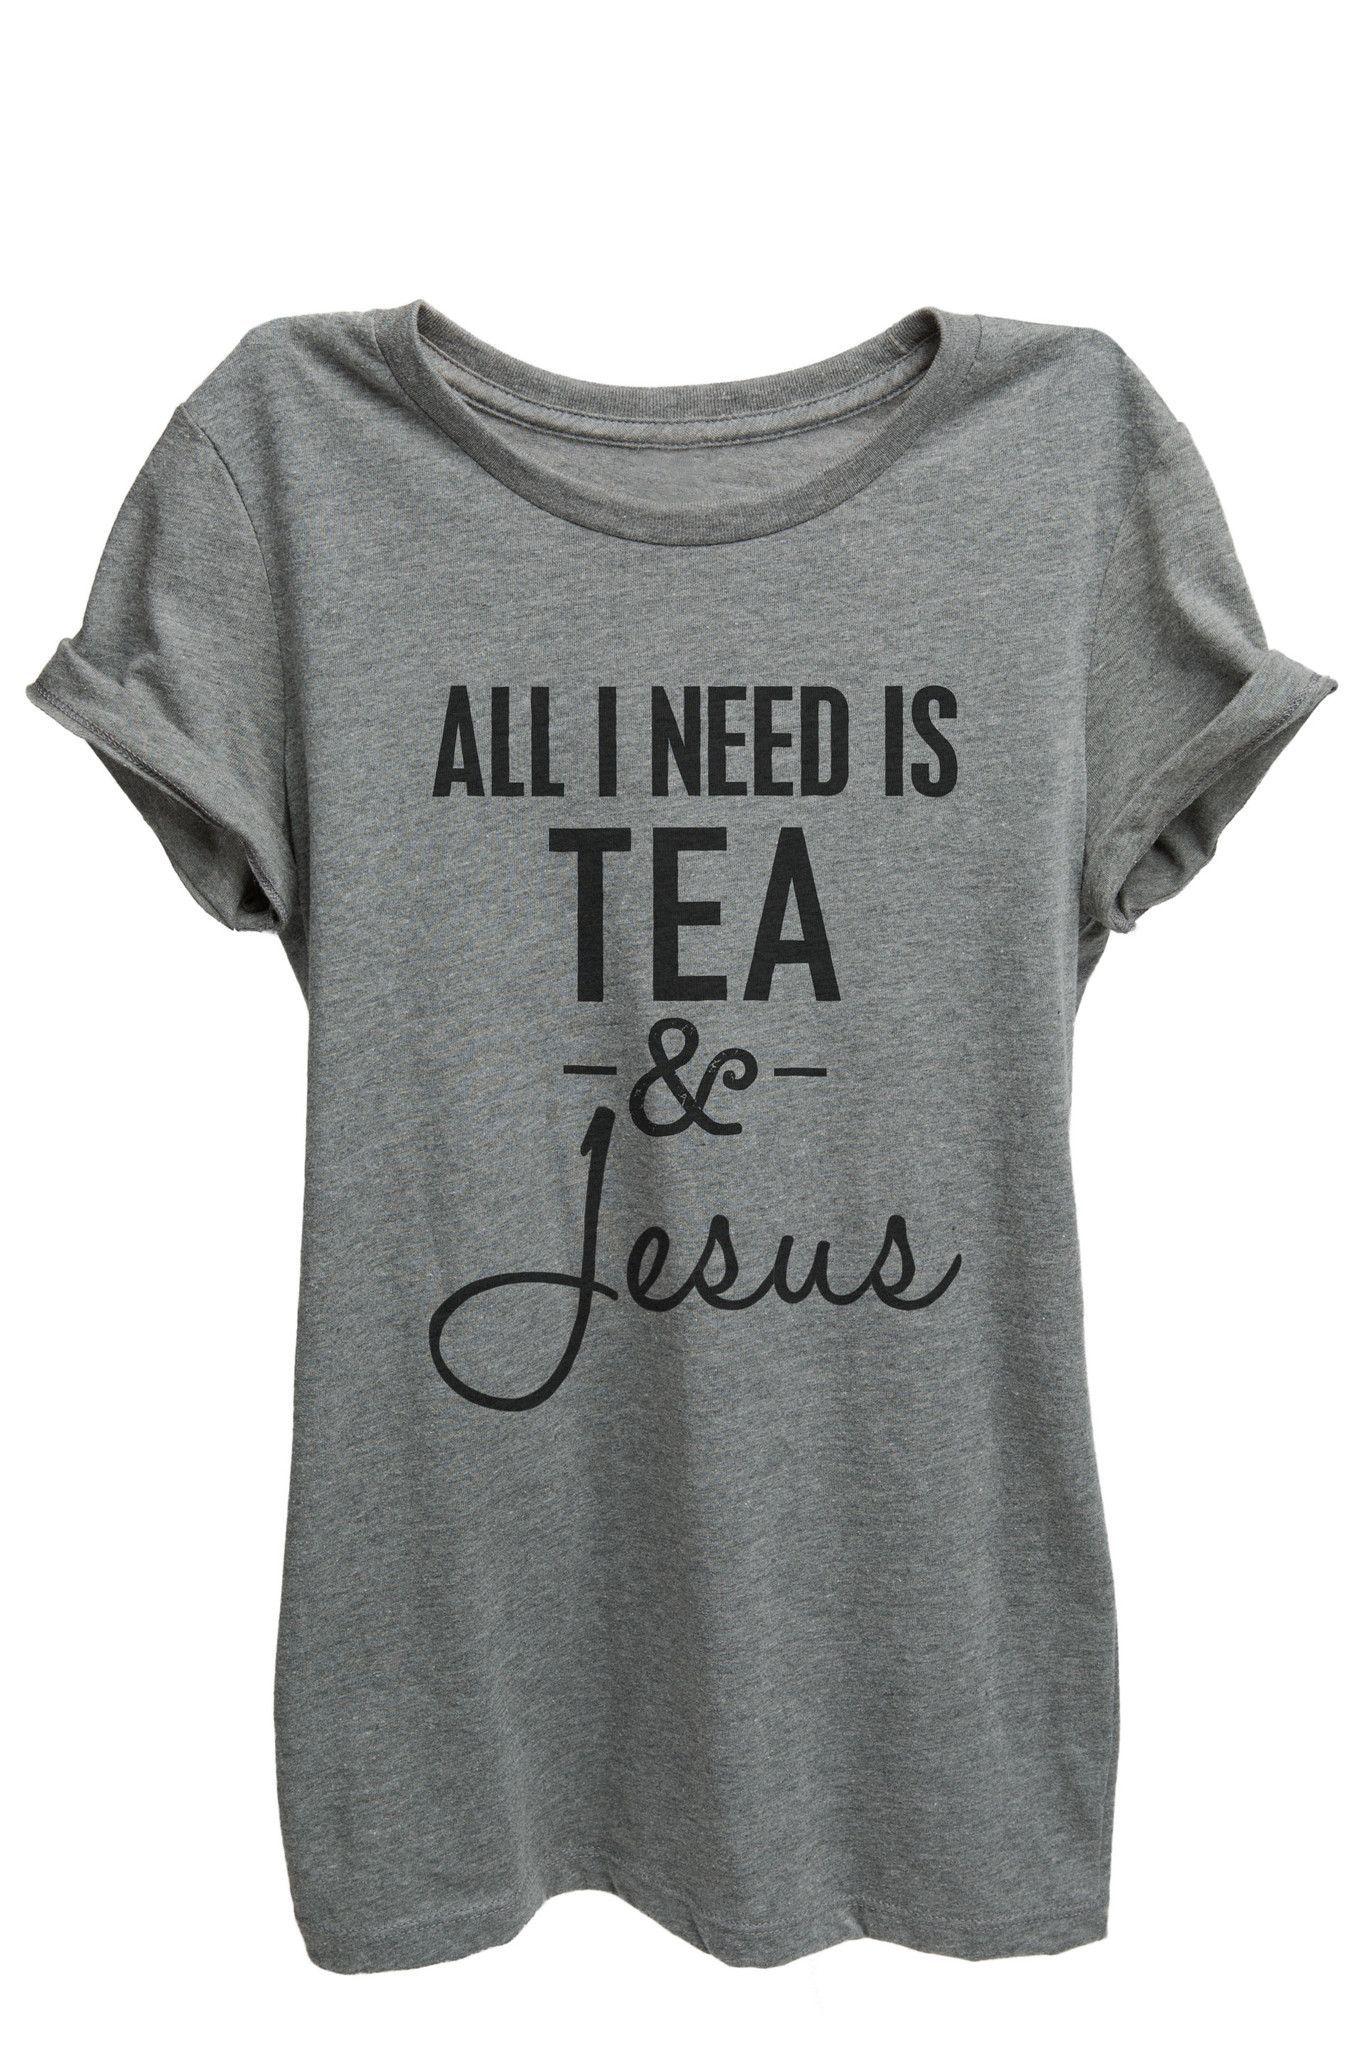 All I Need is Tea and Jesus